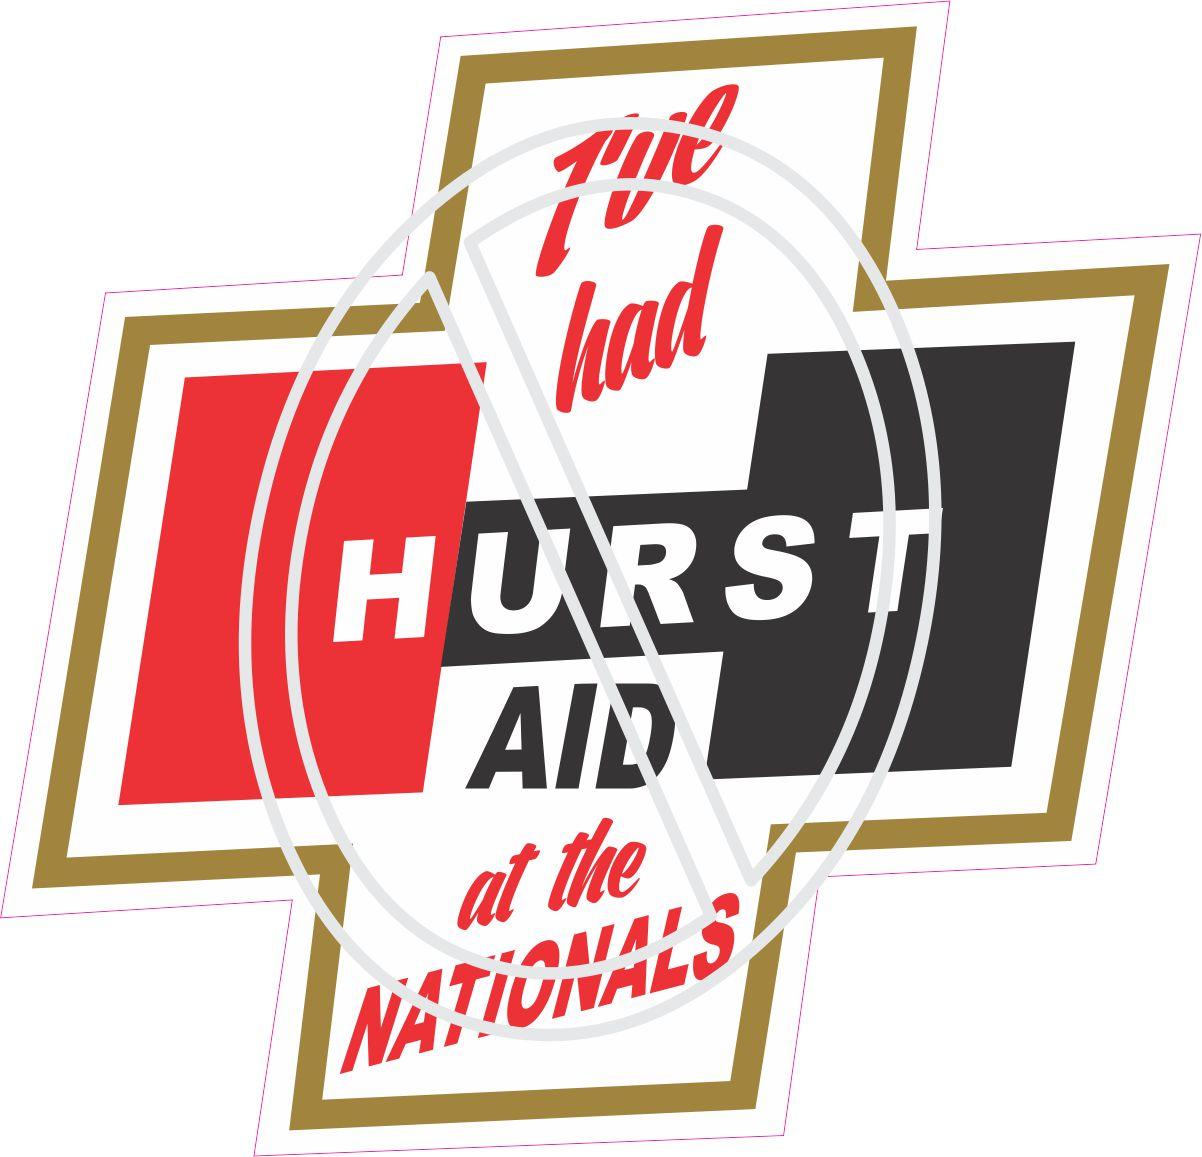 Hurst Aid.jpg